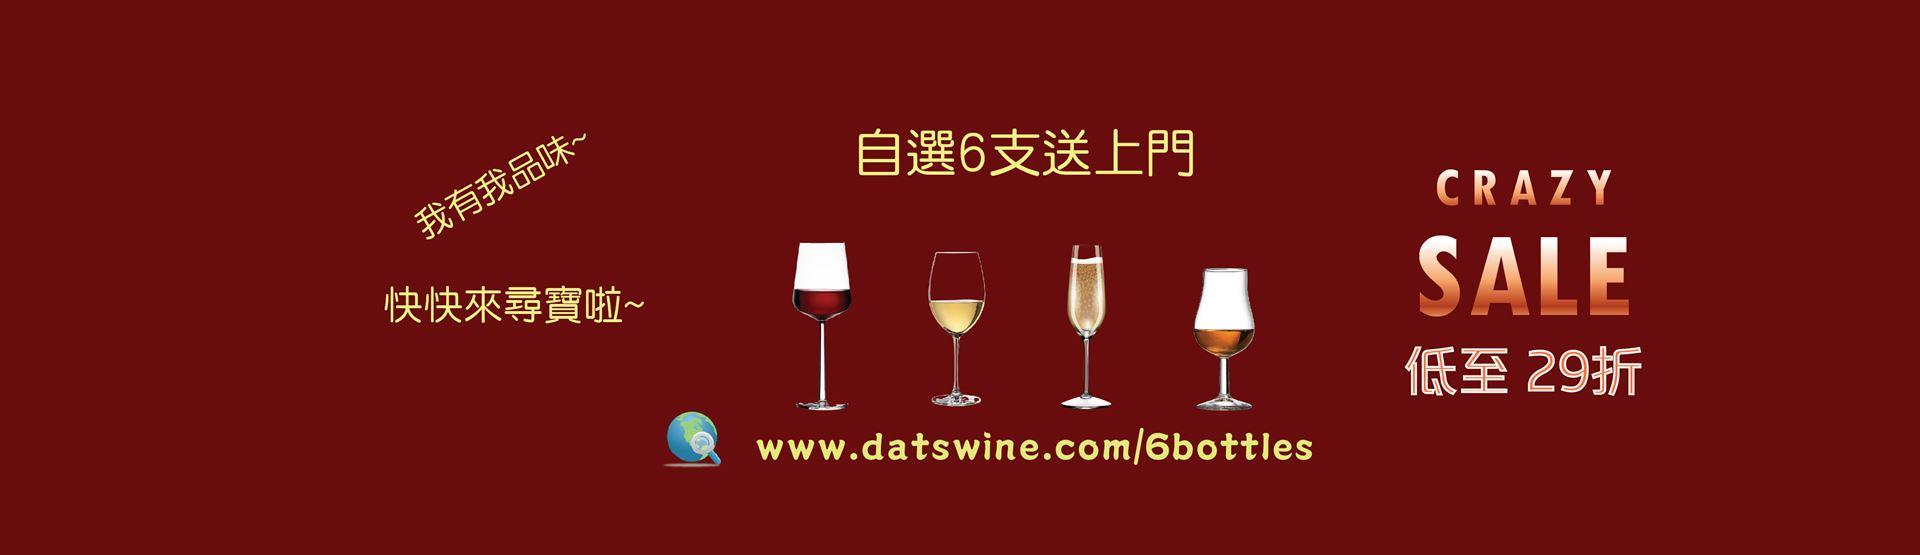 6 Bottles Special Offer